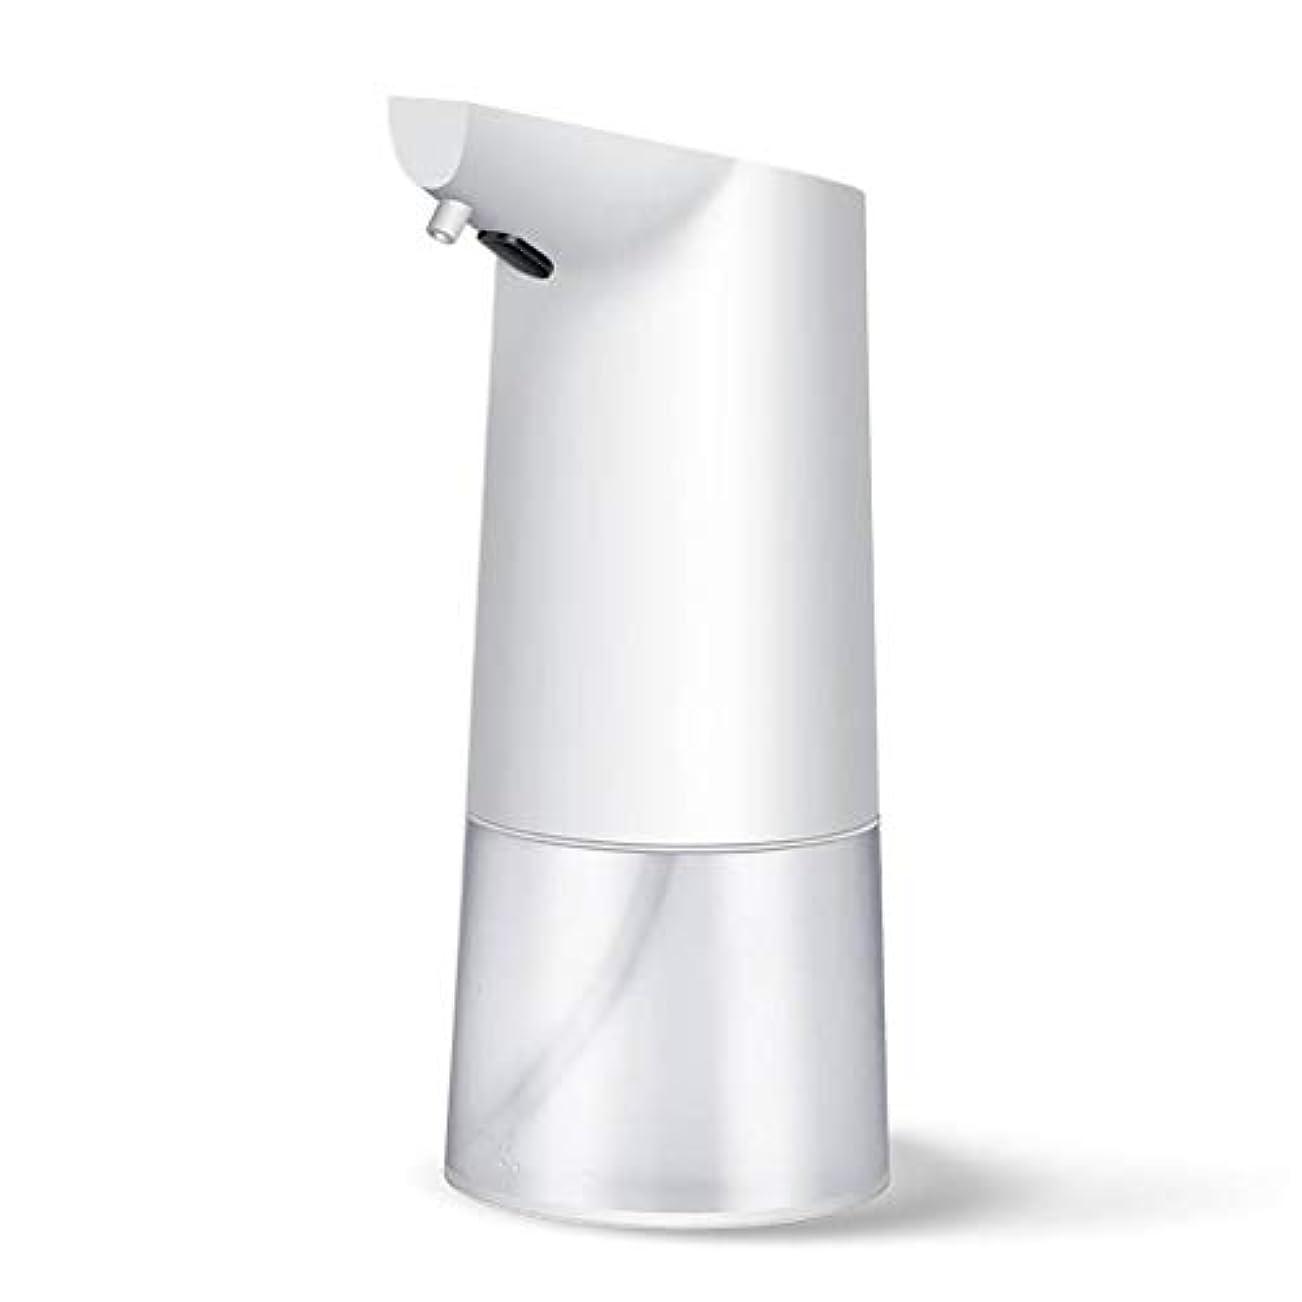 神のフレアたらい帰納的 自動 ソープディスペンサ, ABS 大容量 350ML 速い ー 泡 ソープディスペンサ, 液体を追加できます, のために適した 洗面所 公共の機会 -白350ML-8×10×20CM